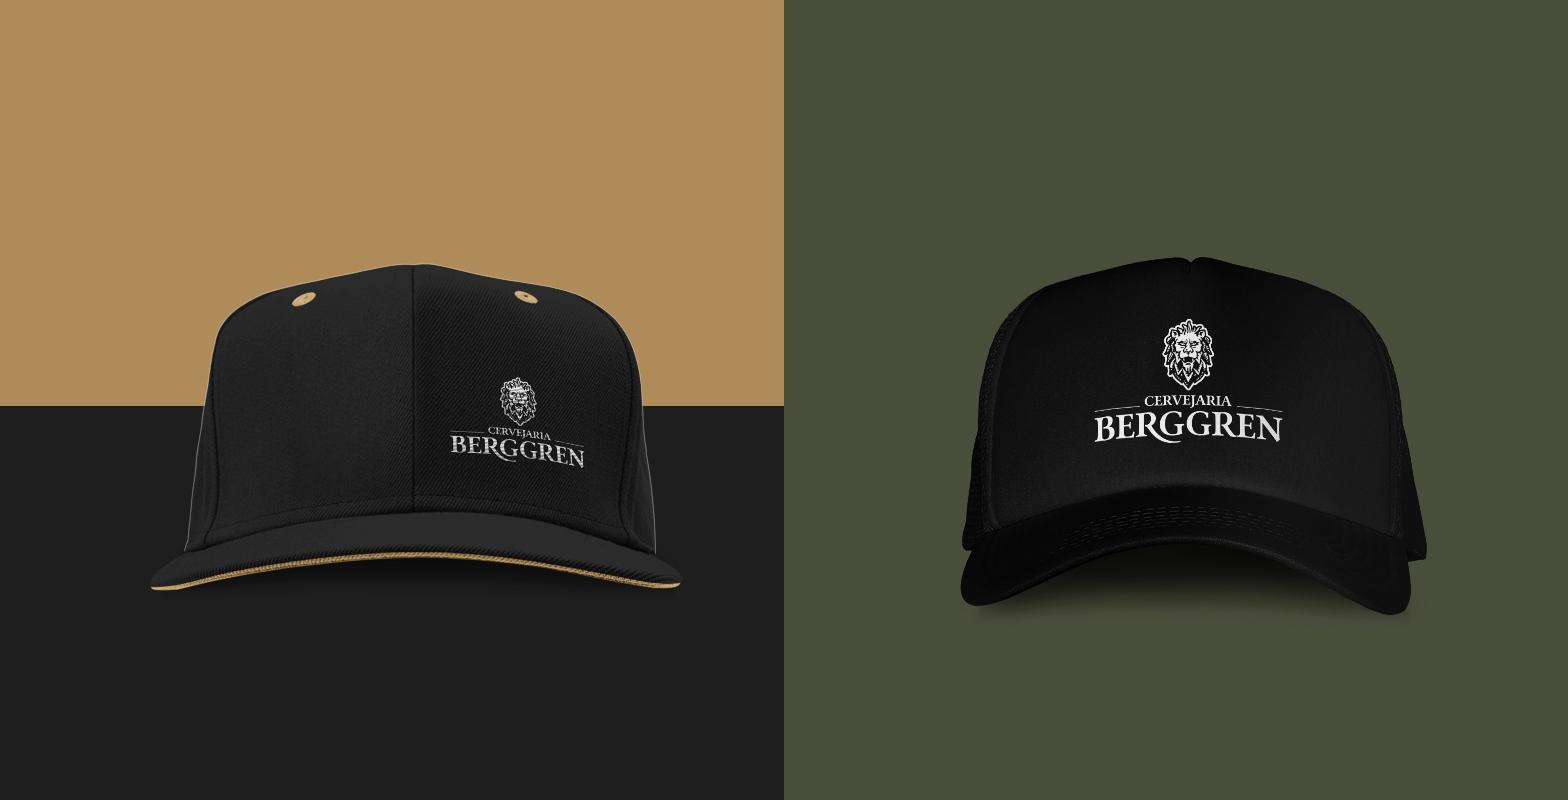 Berggren Bier - Identidade visual e Branding (6)